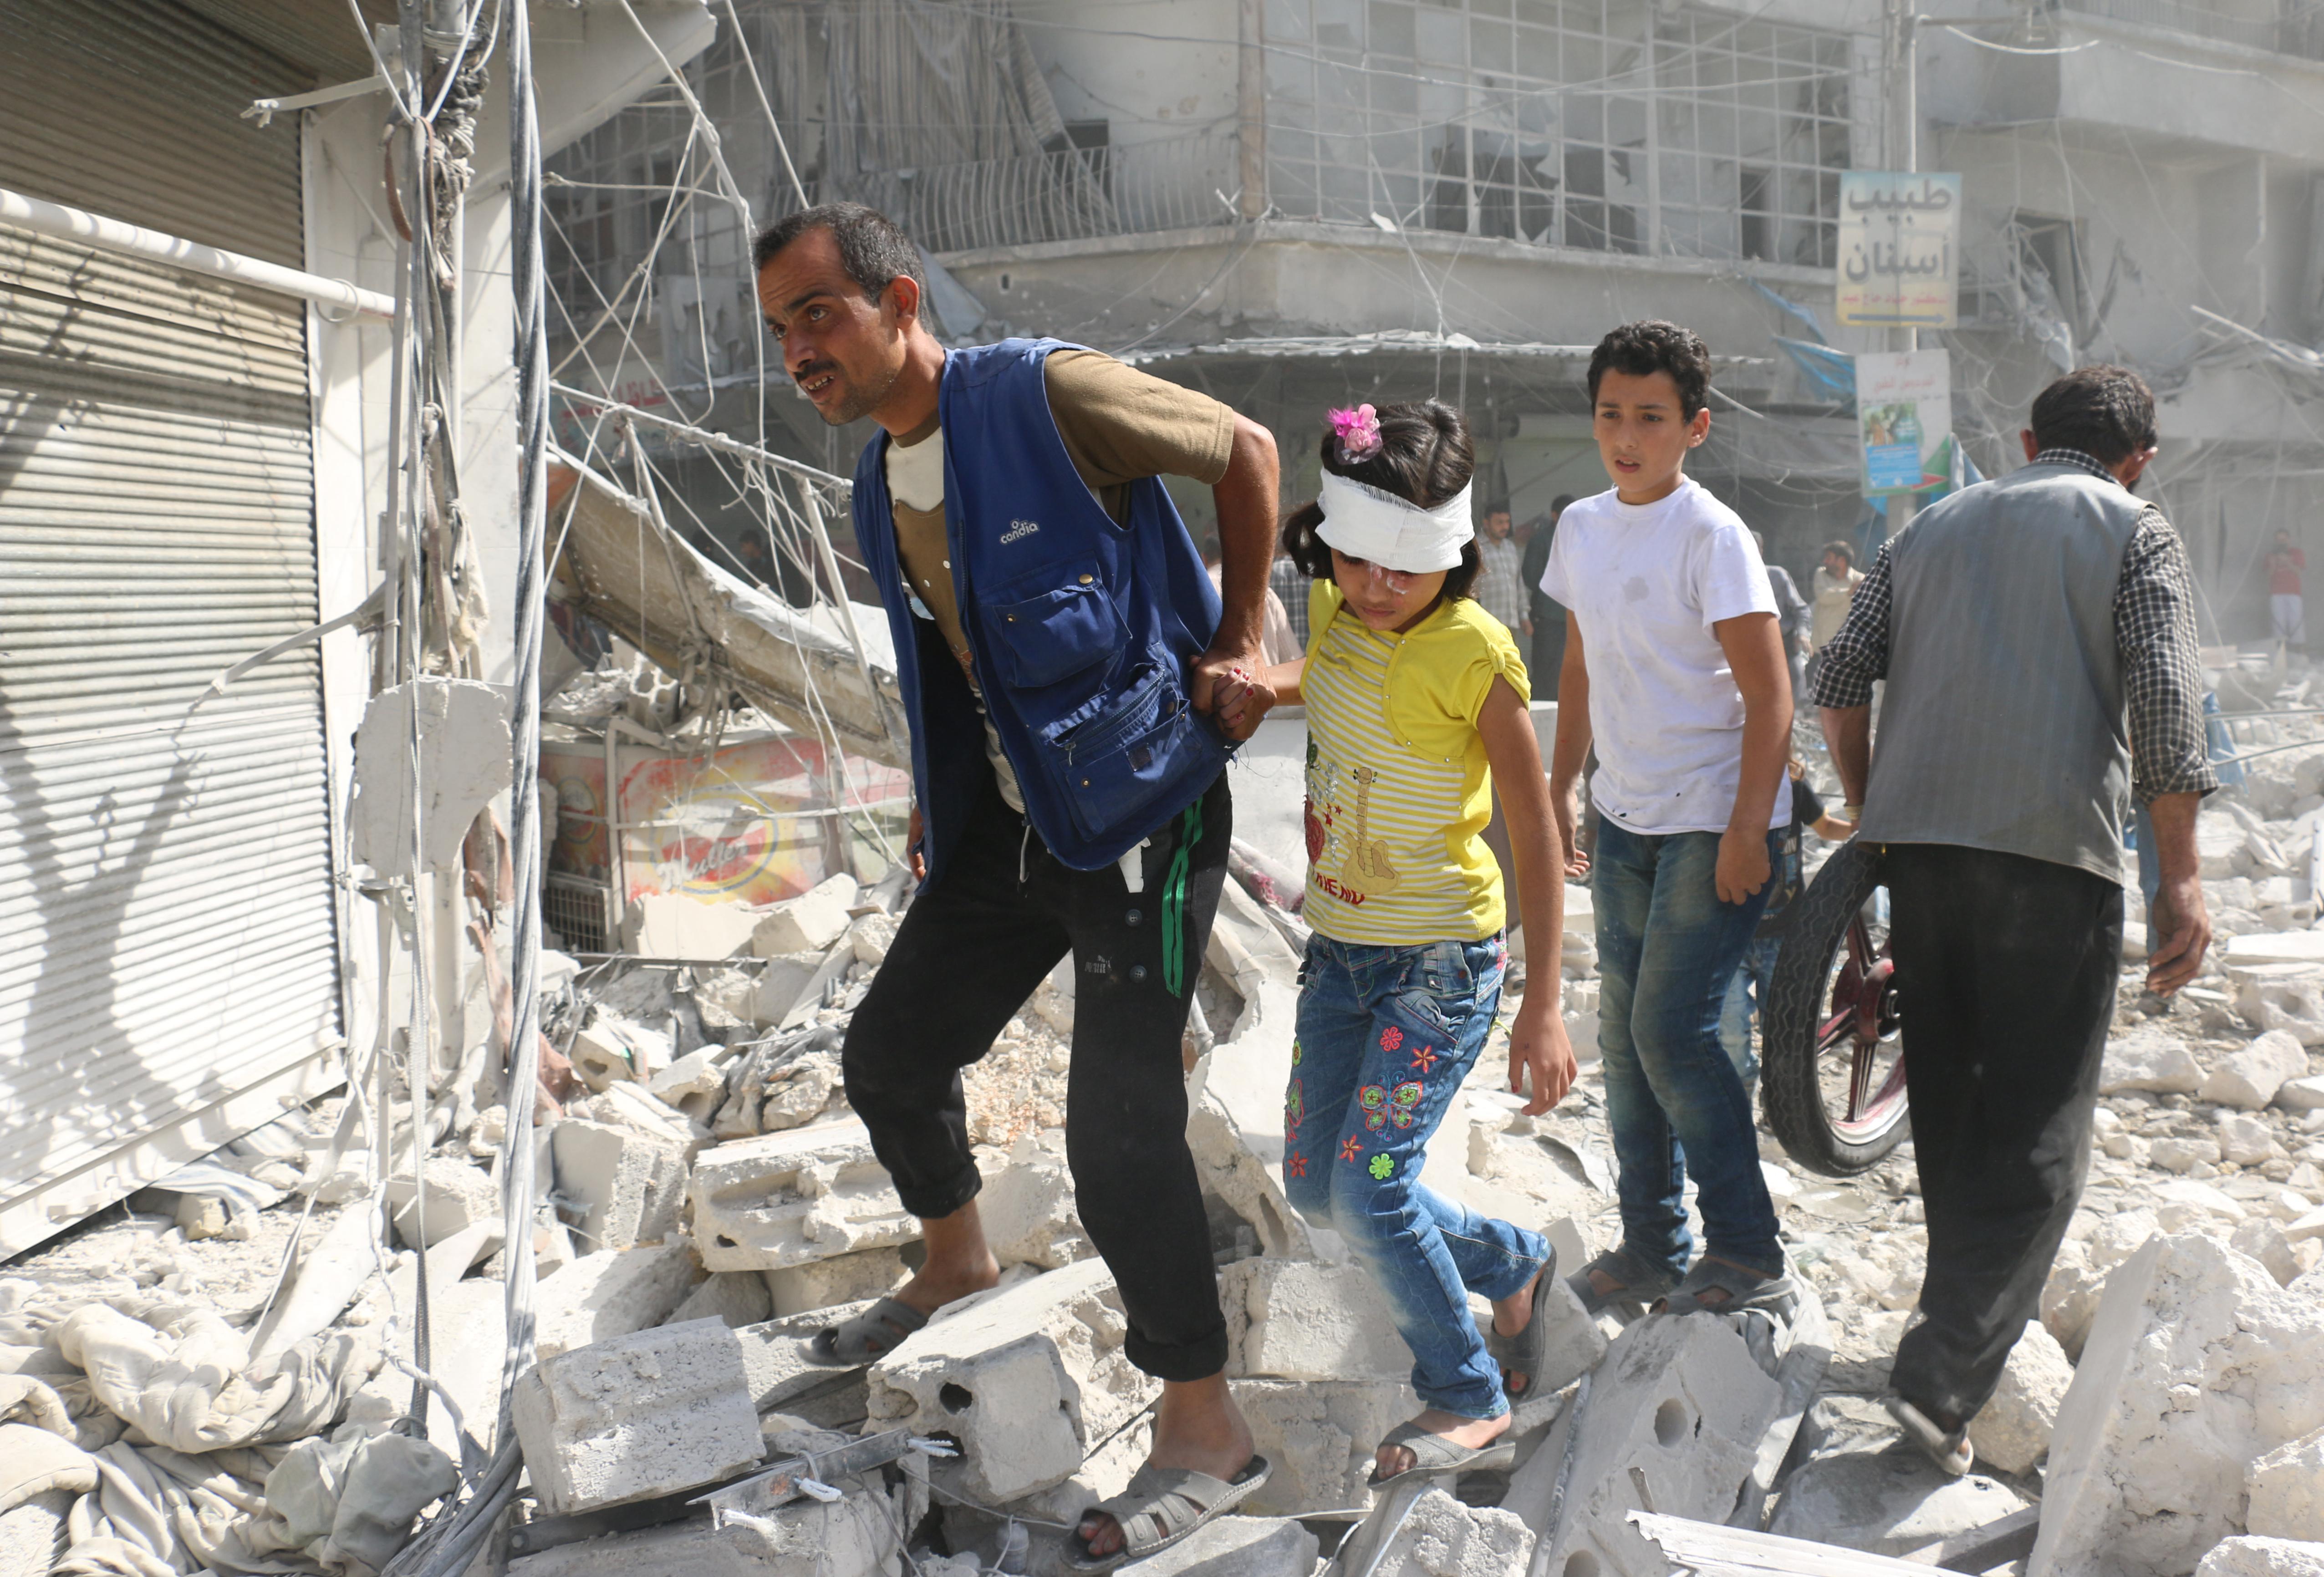 سوريون في إحدى مناطق حي الفردوس بعد تعرضه لغارة جوية في 12 أكتوبر